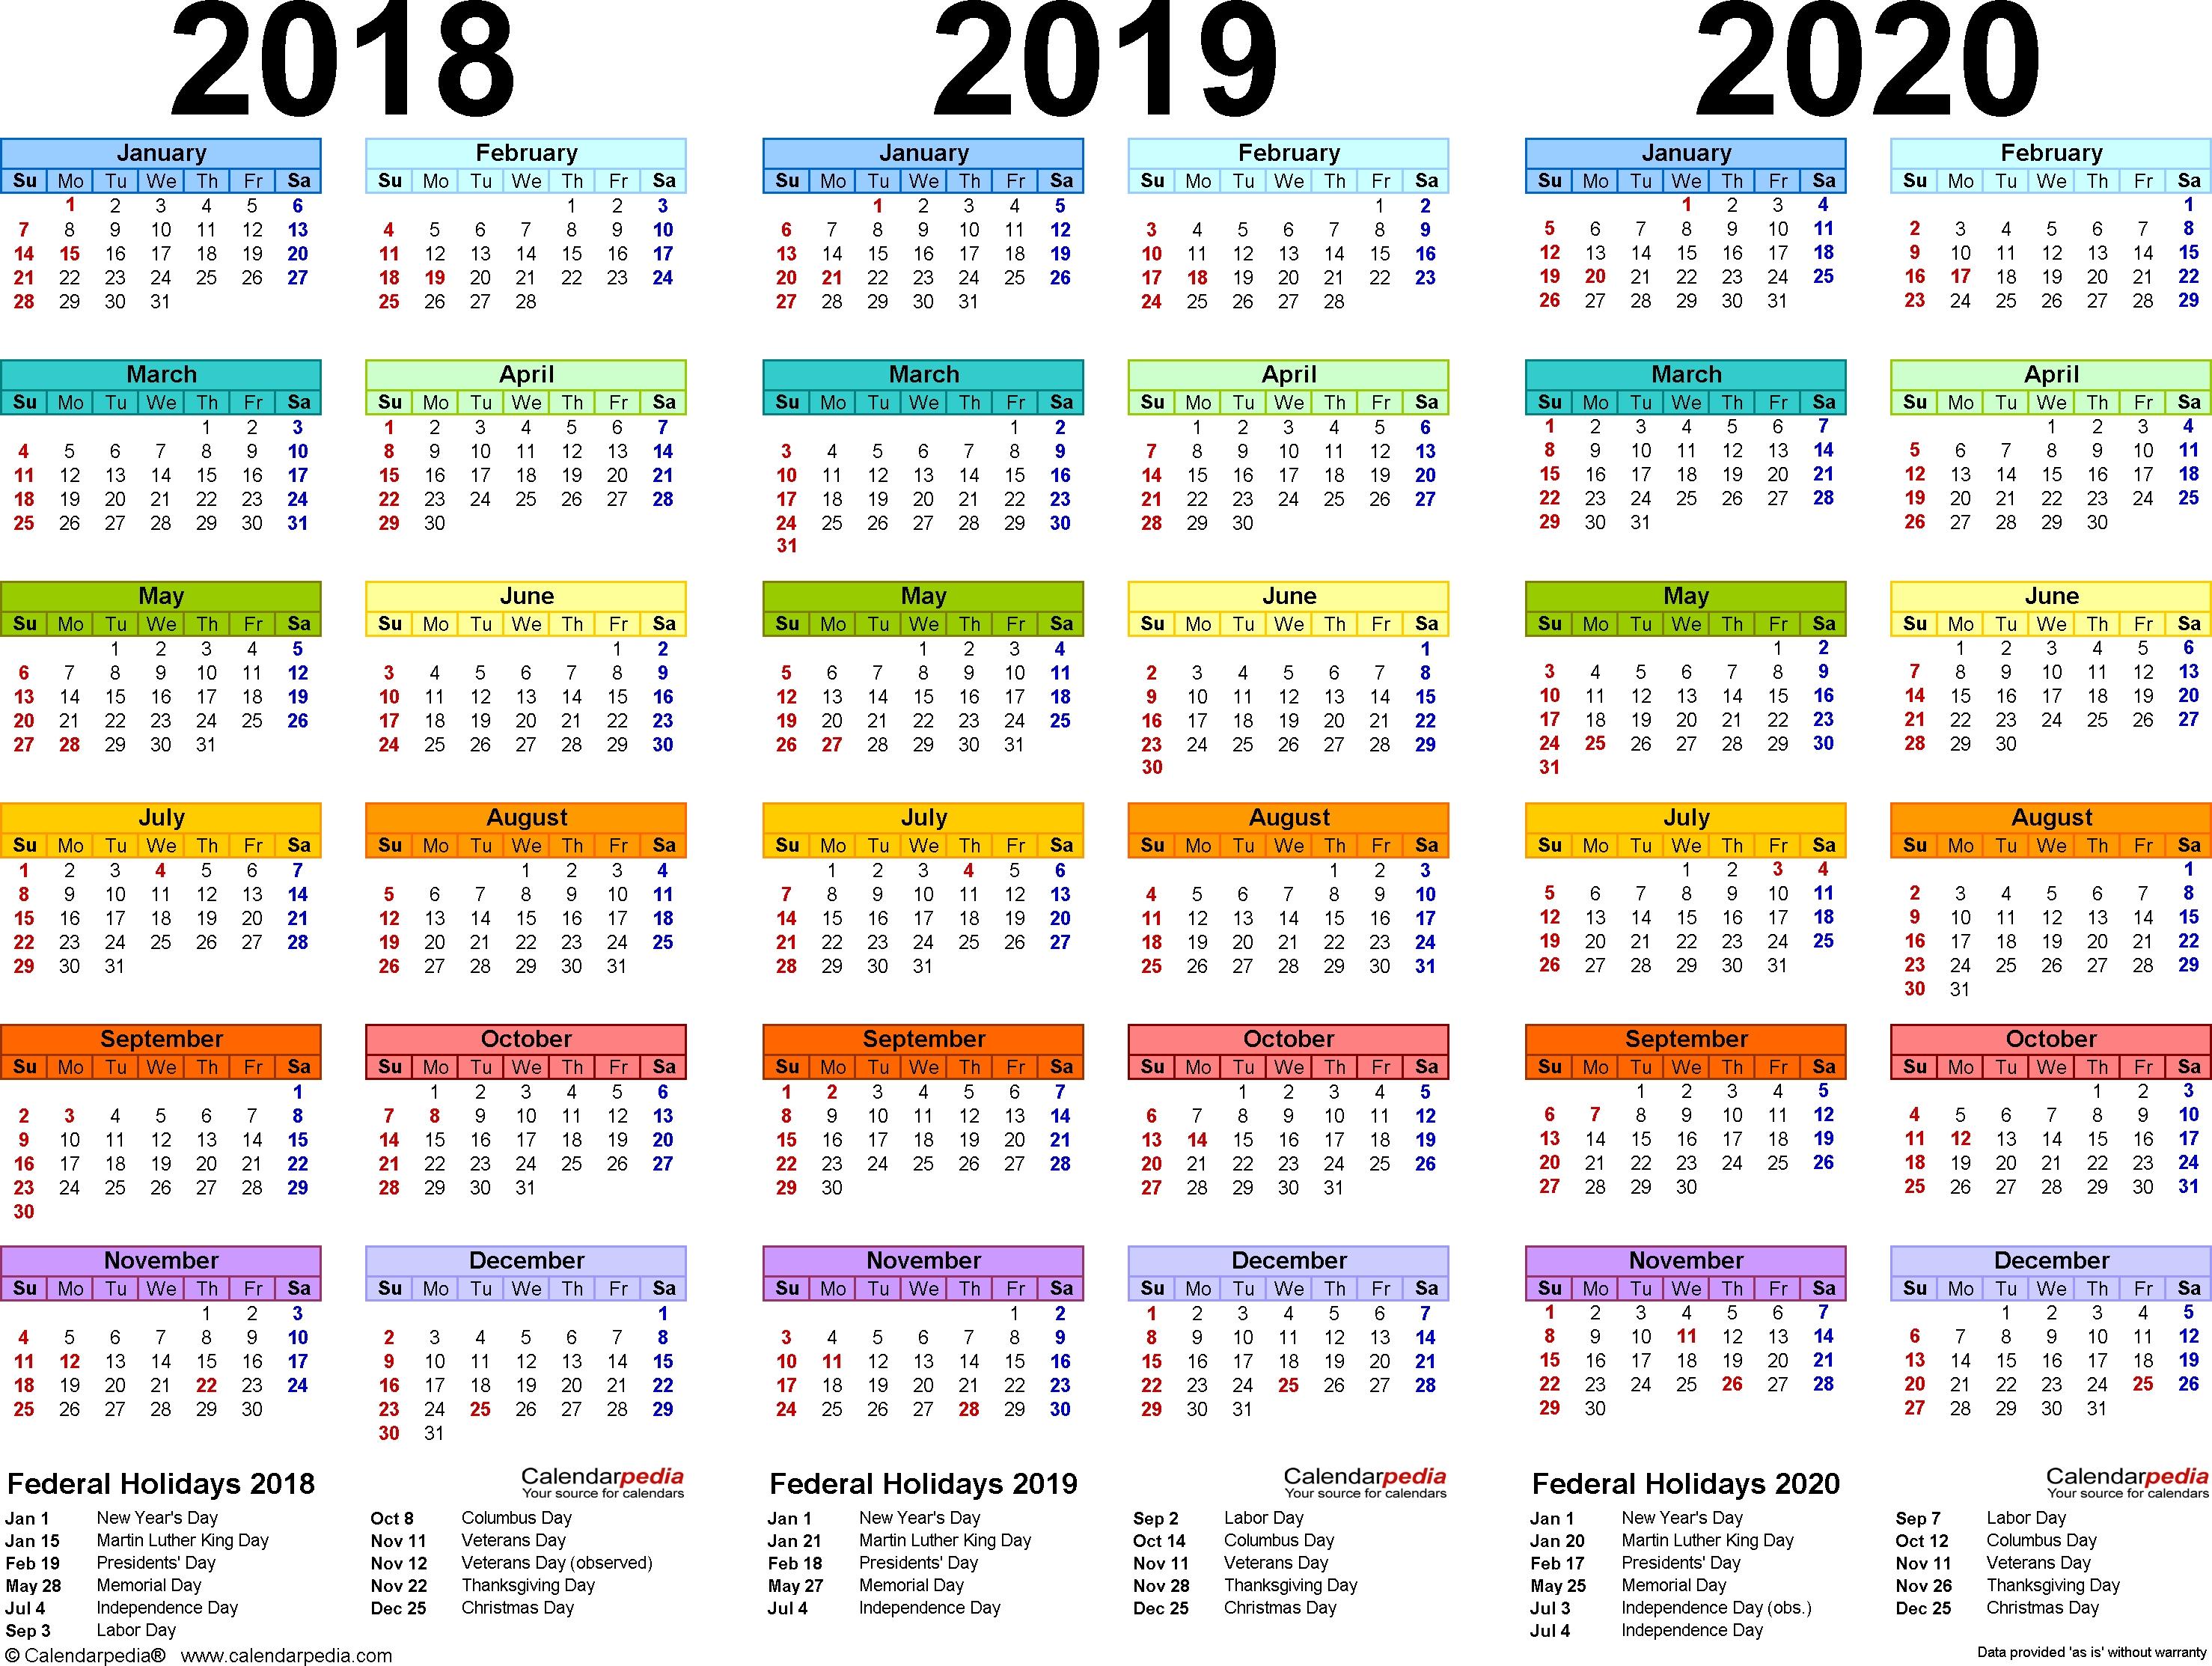 Calendar-2018-2019-2020 (2956×2226)   Calendario